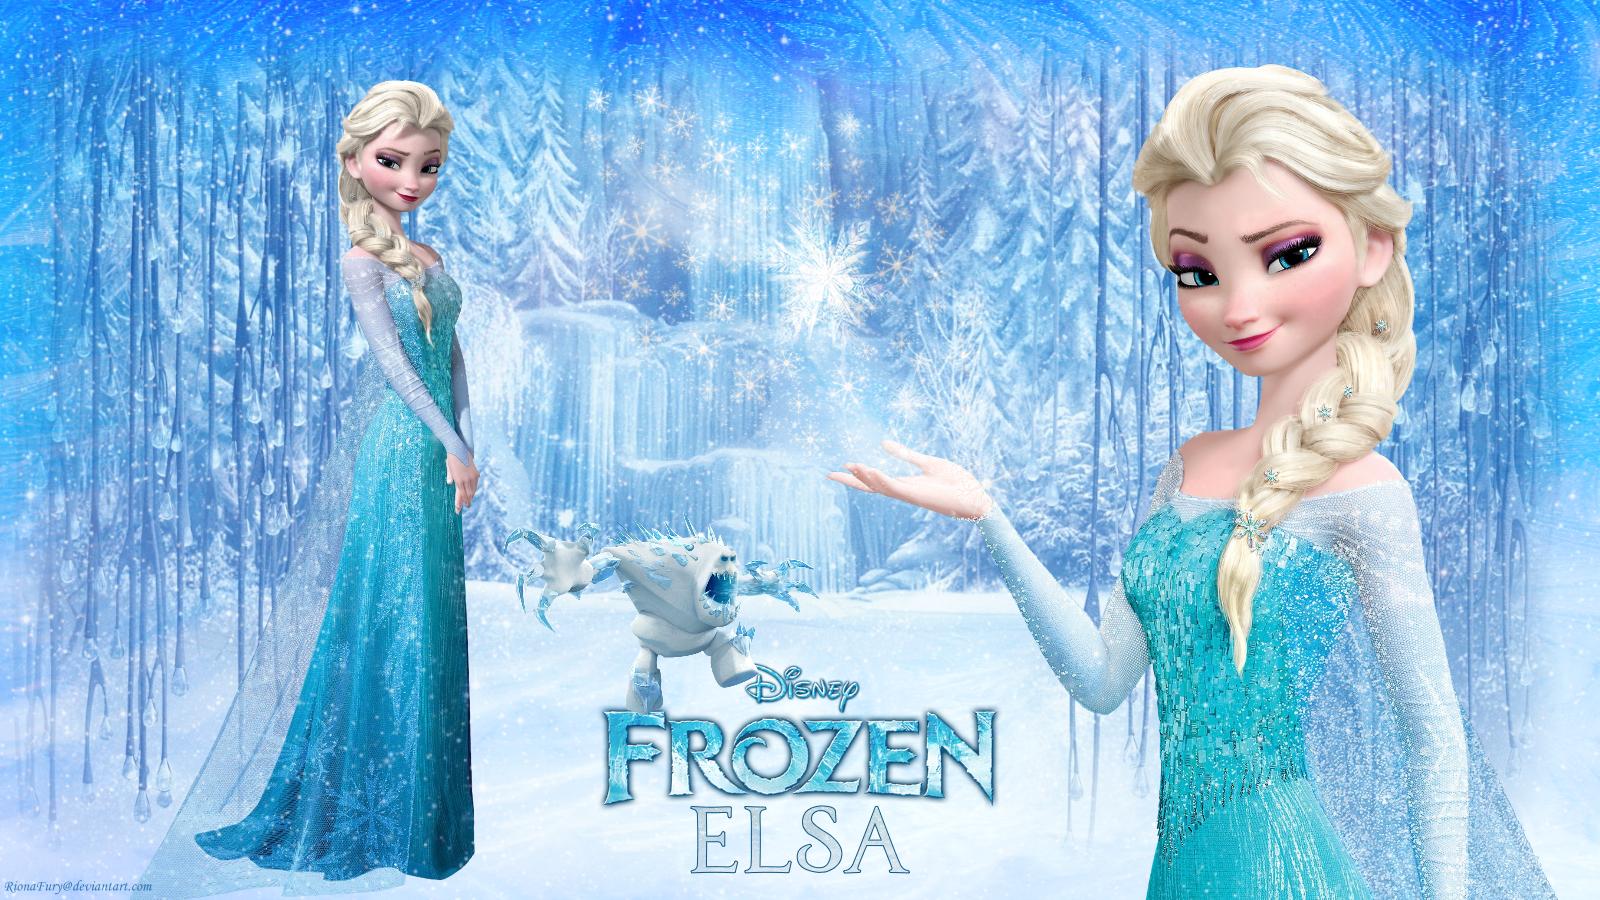 frozen 3d wallpaper,doll,blue,barbie,formal wear,dress